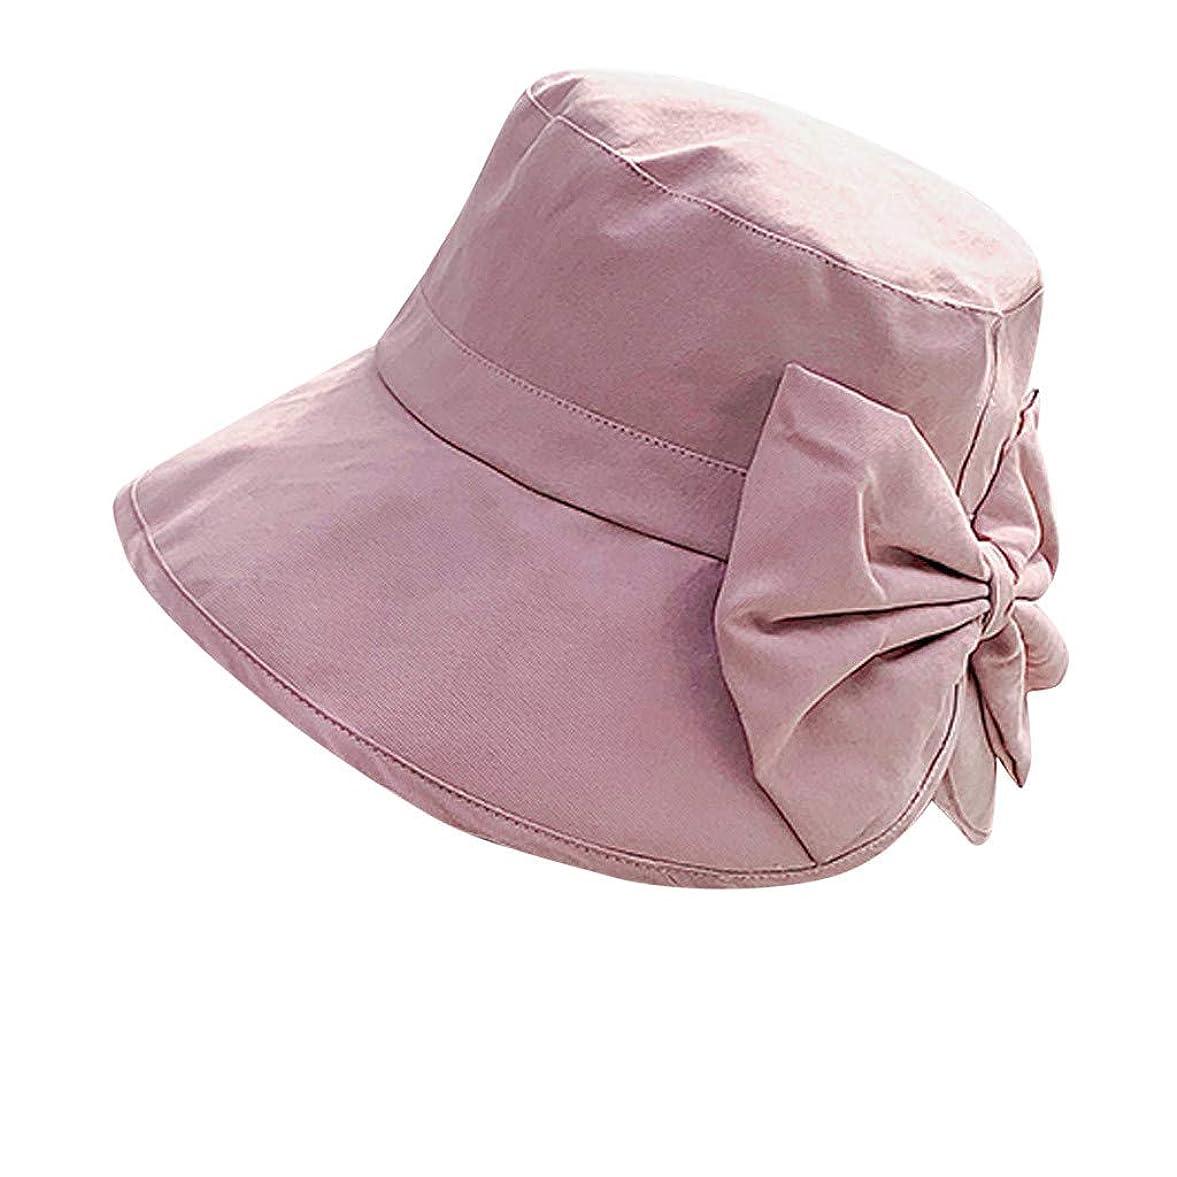 エトナ山気候の山報いる女性 帽子 レディース UVカット ハット女の子 つば広い 漁師帽 女優帽 小顔効果 紫外線 対策 レディース 蝶結び UV 加工 リボン ハット ビーチ 日よけ テント ビーチサンダル ベレー帽 ROSE ROMAN